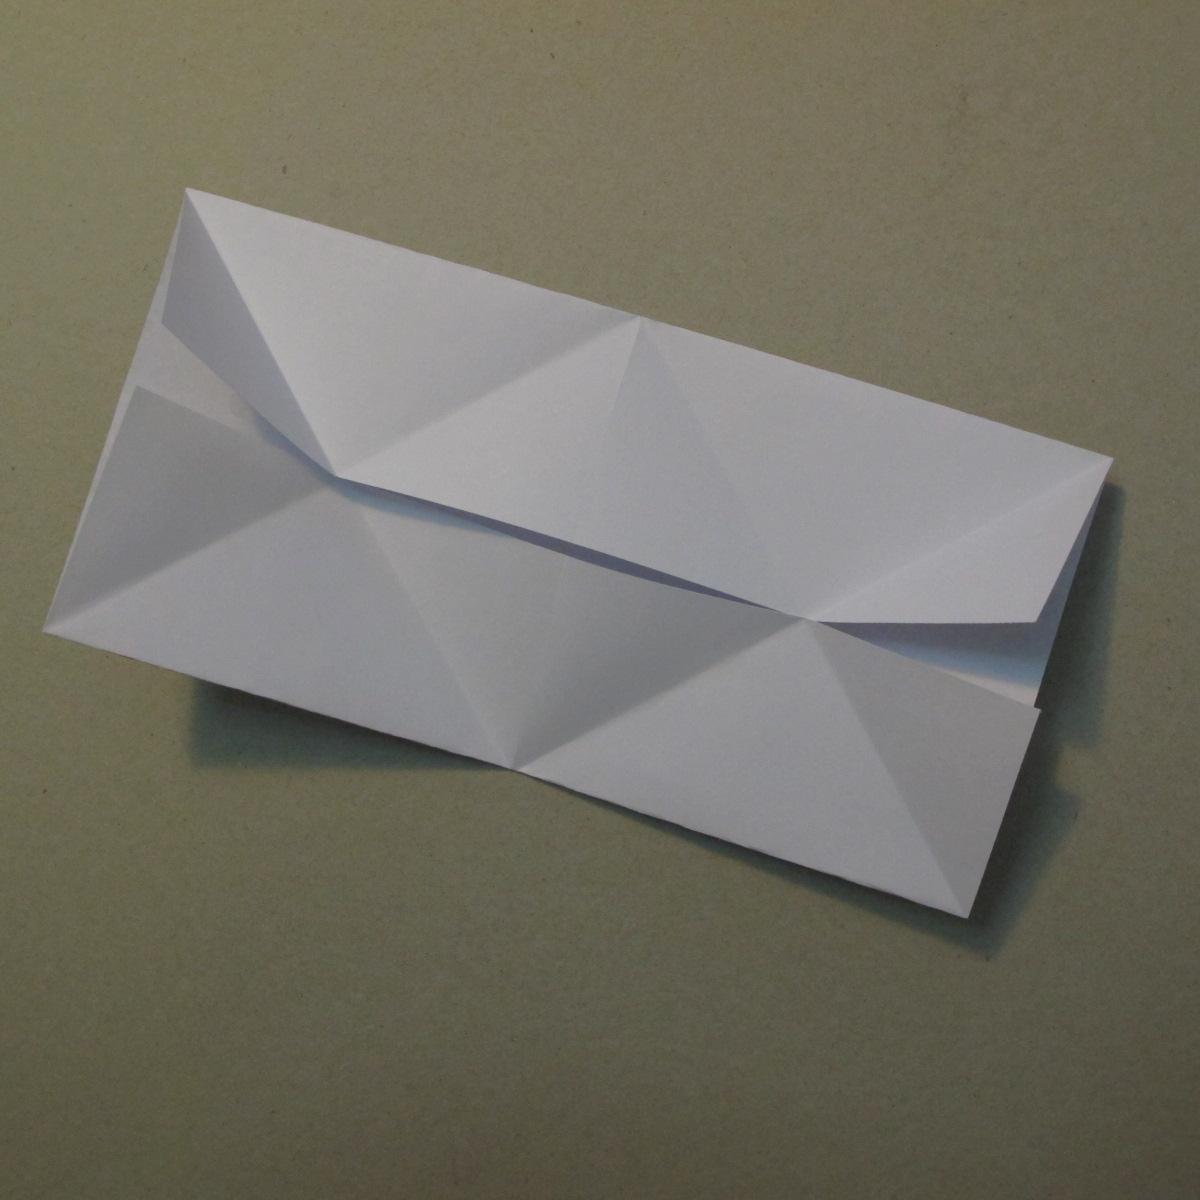 วิธีการพับกระดาษเป็นรูปหัวใจ 006